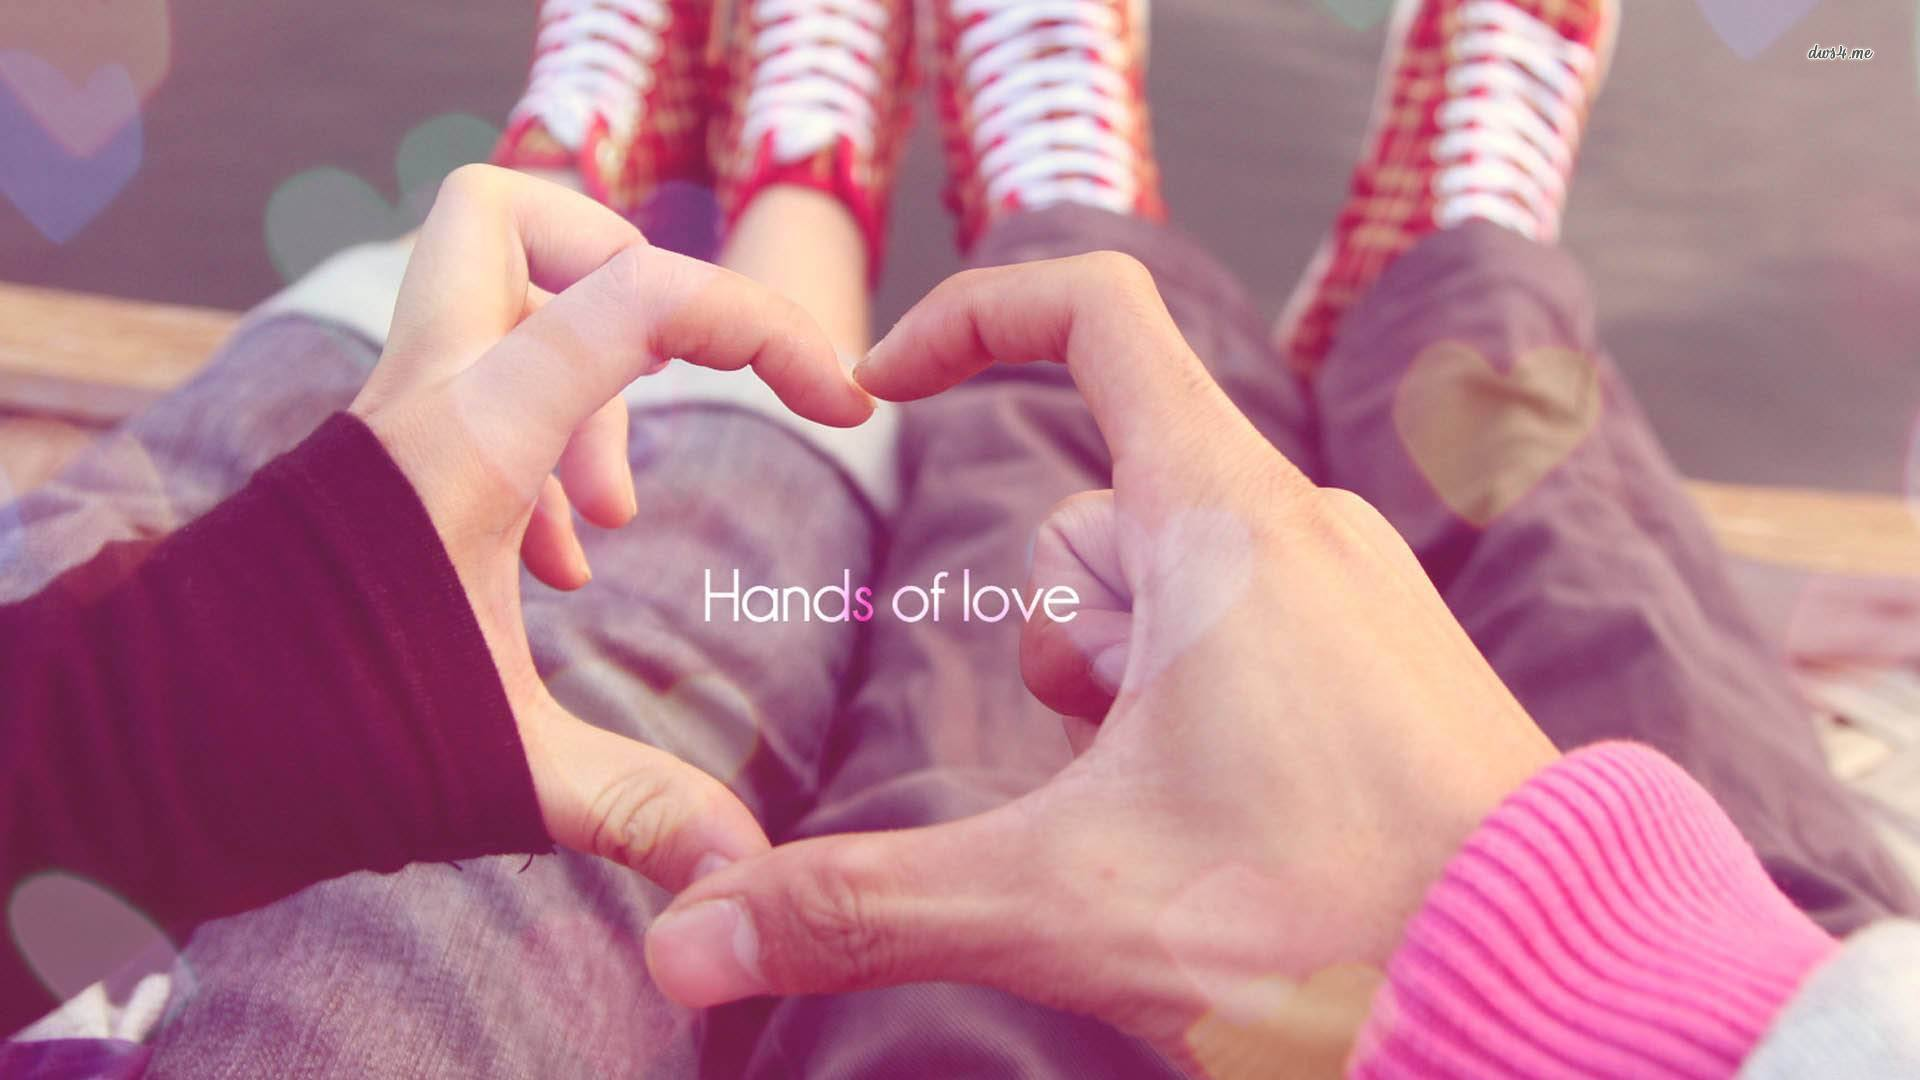 هم دعا کن گره  از کار تو بگشاید عشق...